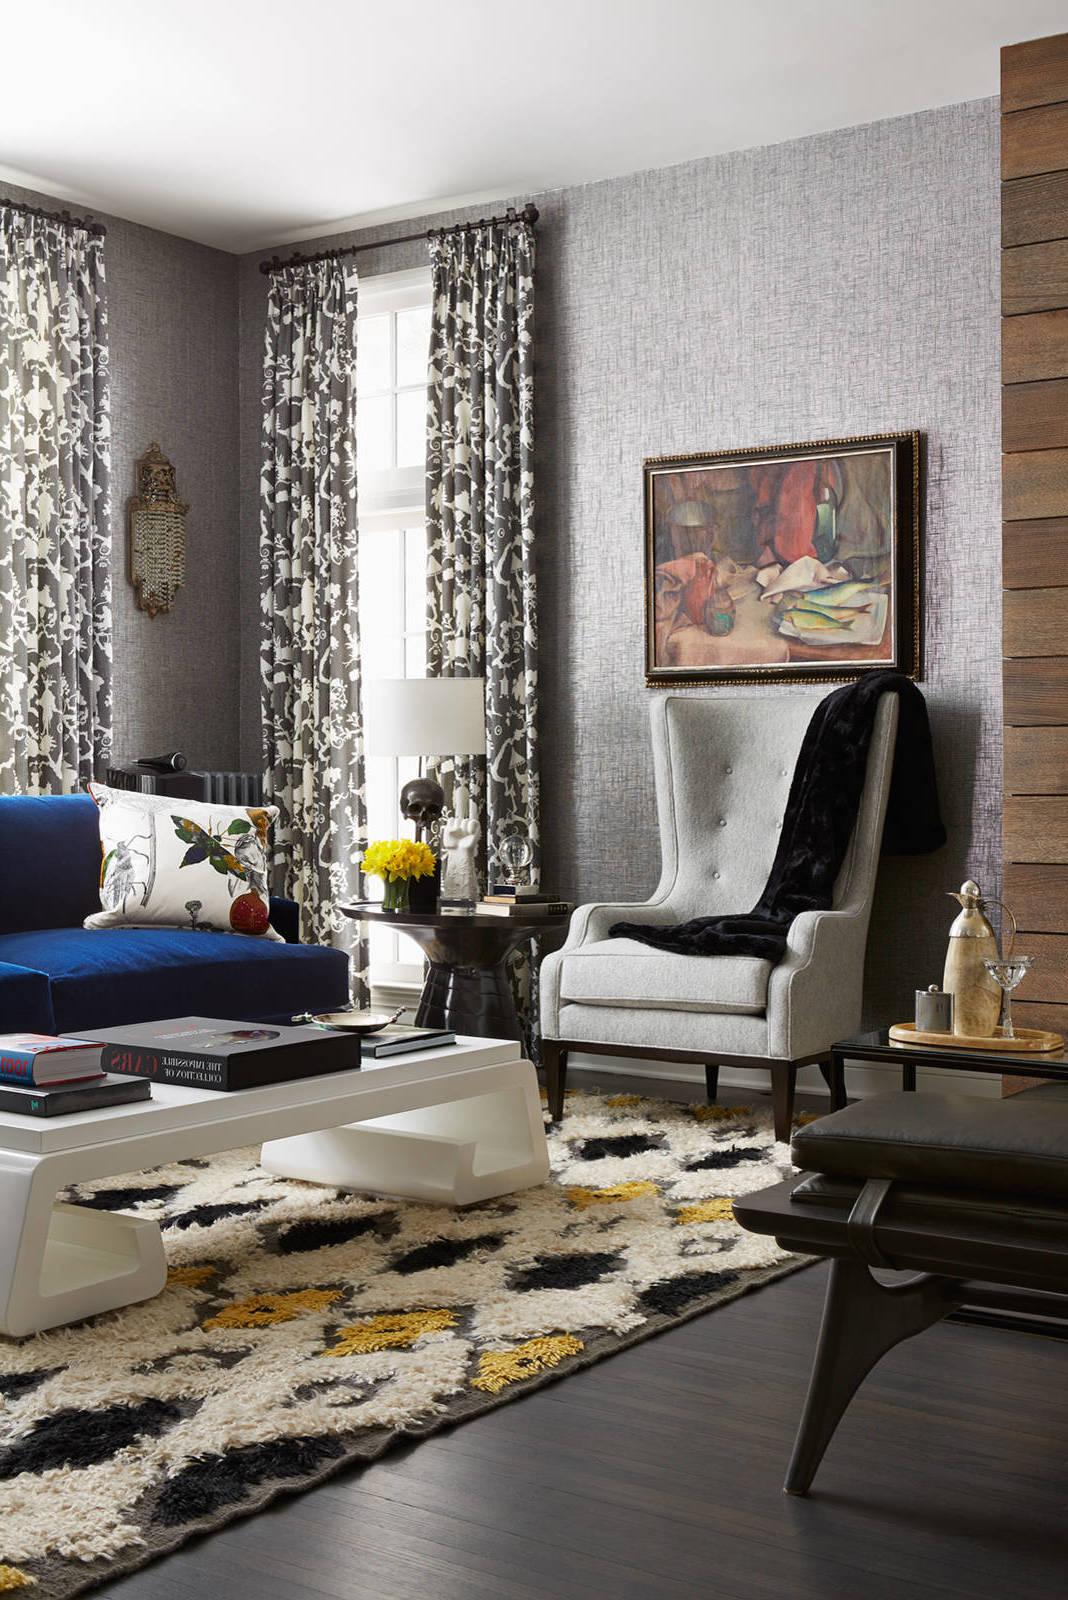 Welche Farbe Passt Zu Grau Wohnzimmer Nett Wenge Mobel Welche